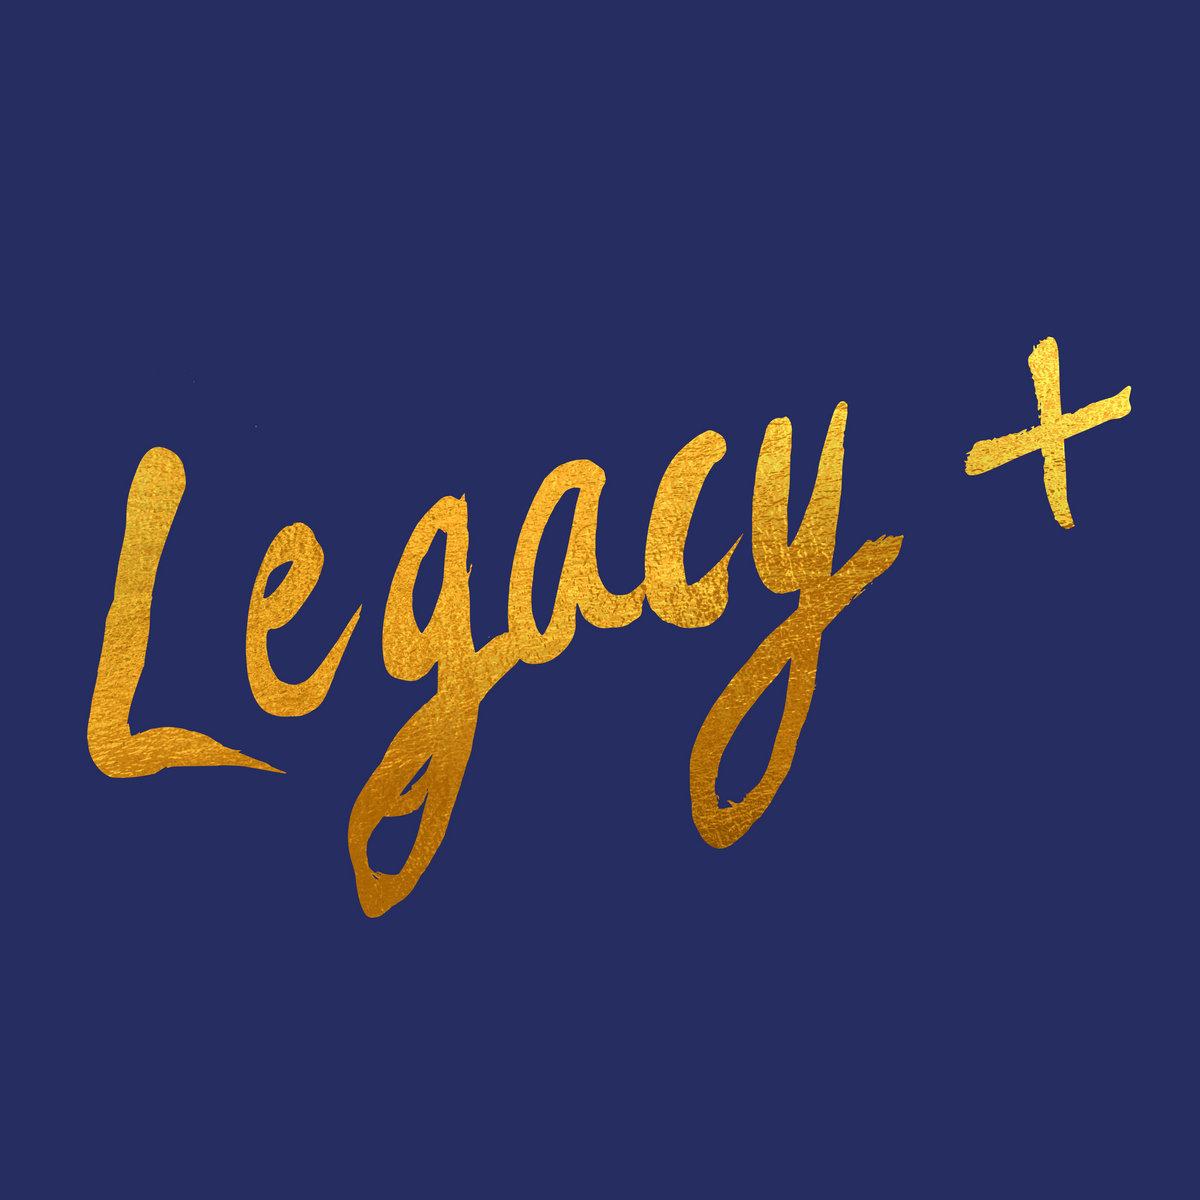 Femi Kuti & Made Kuti - Legacy +